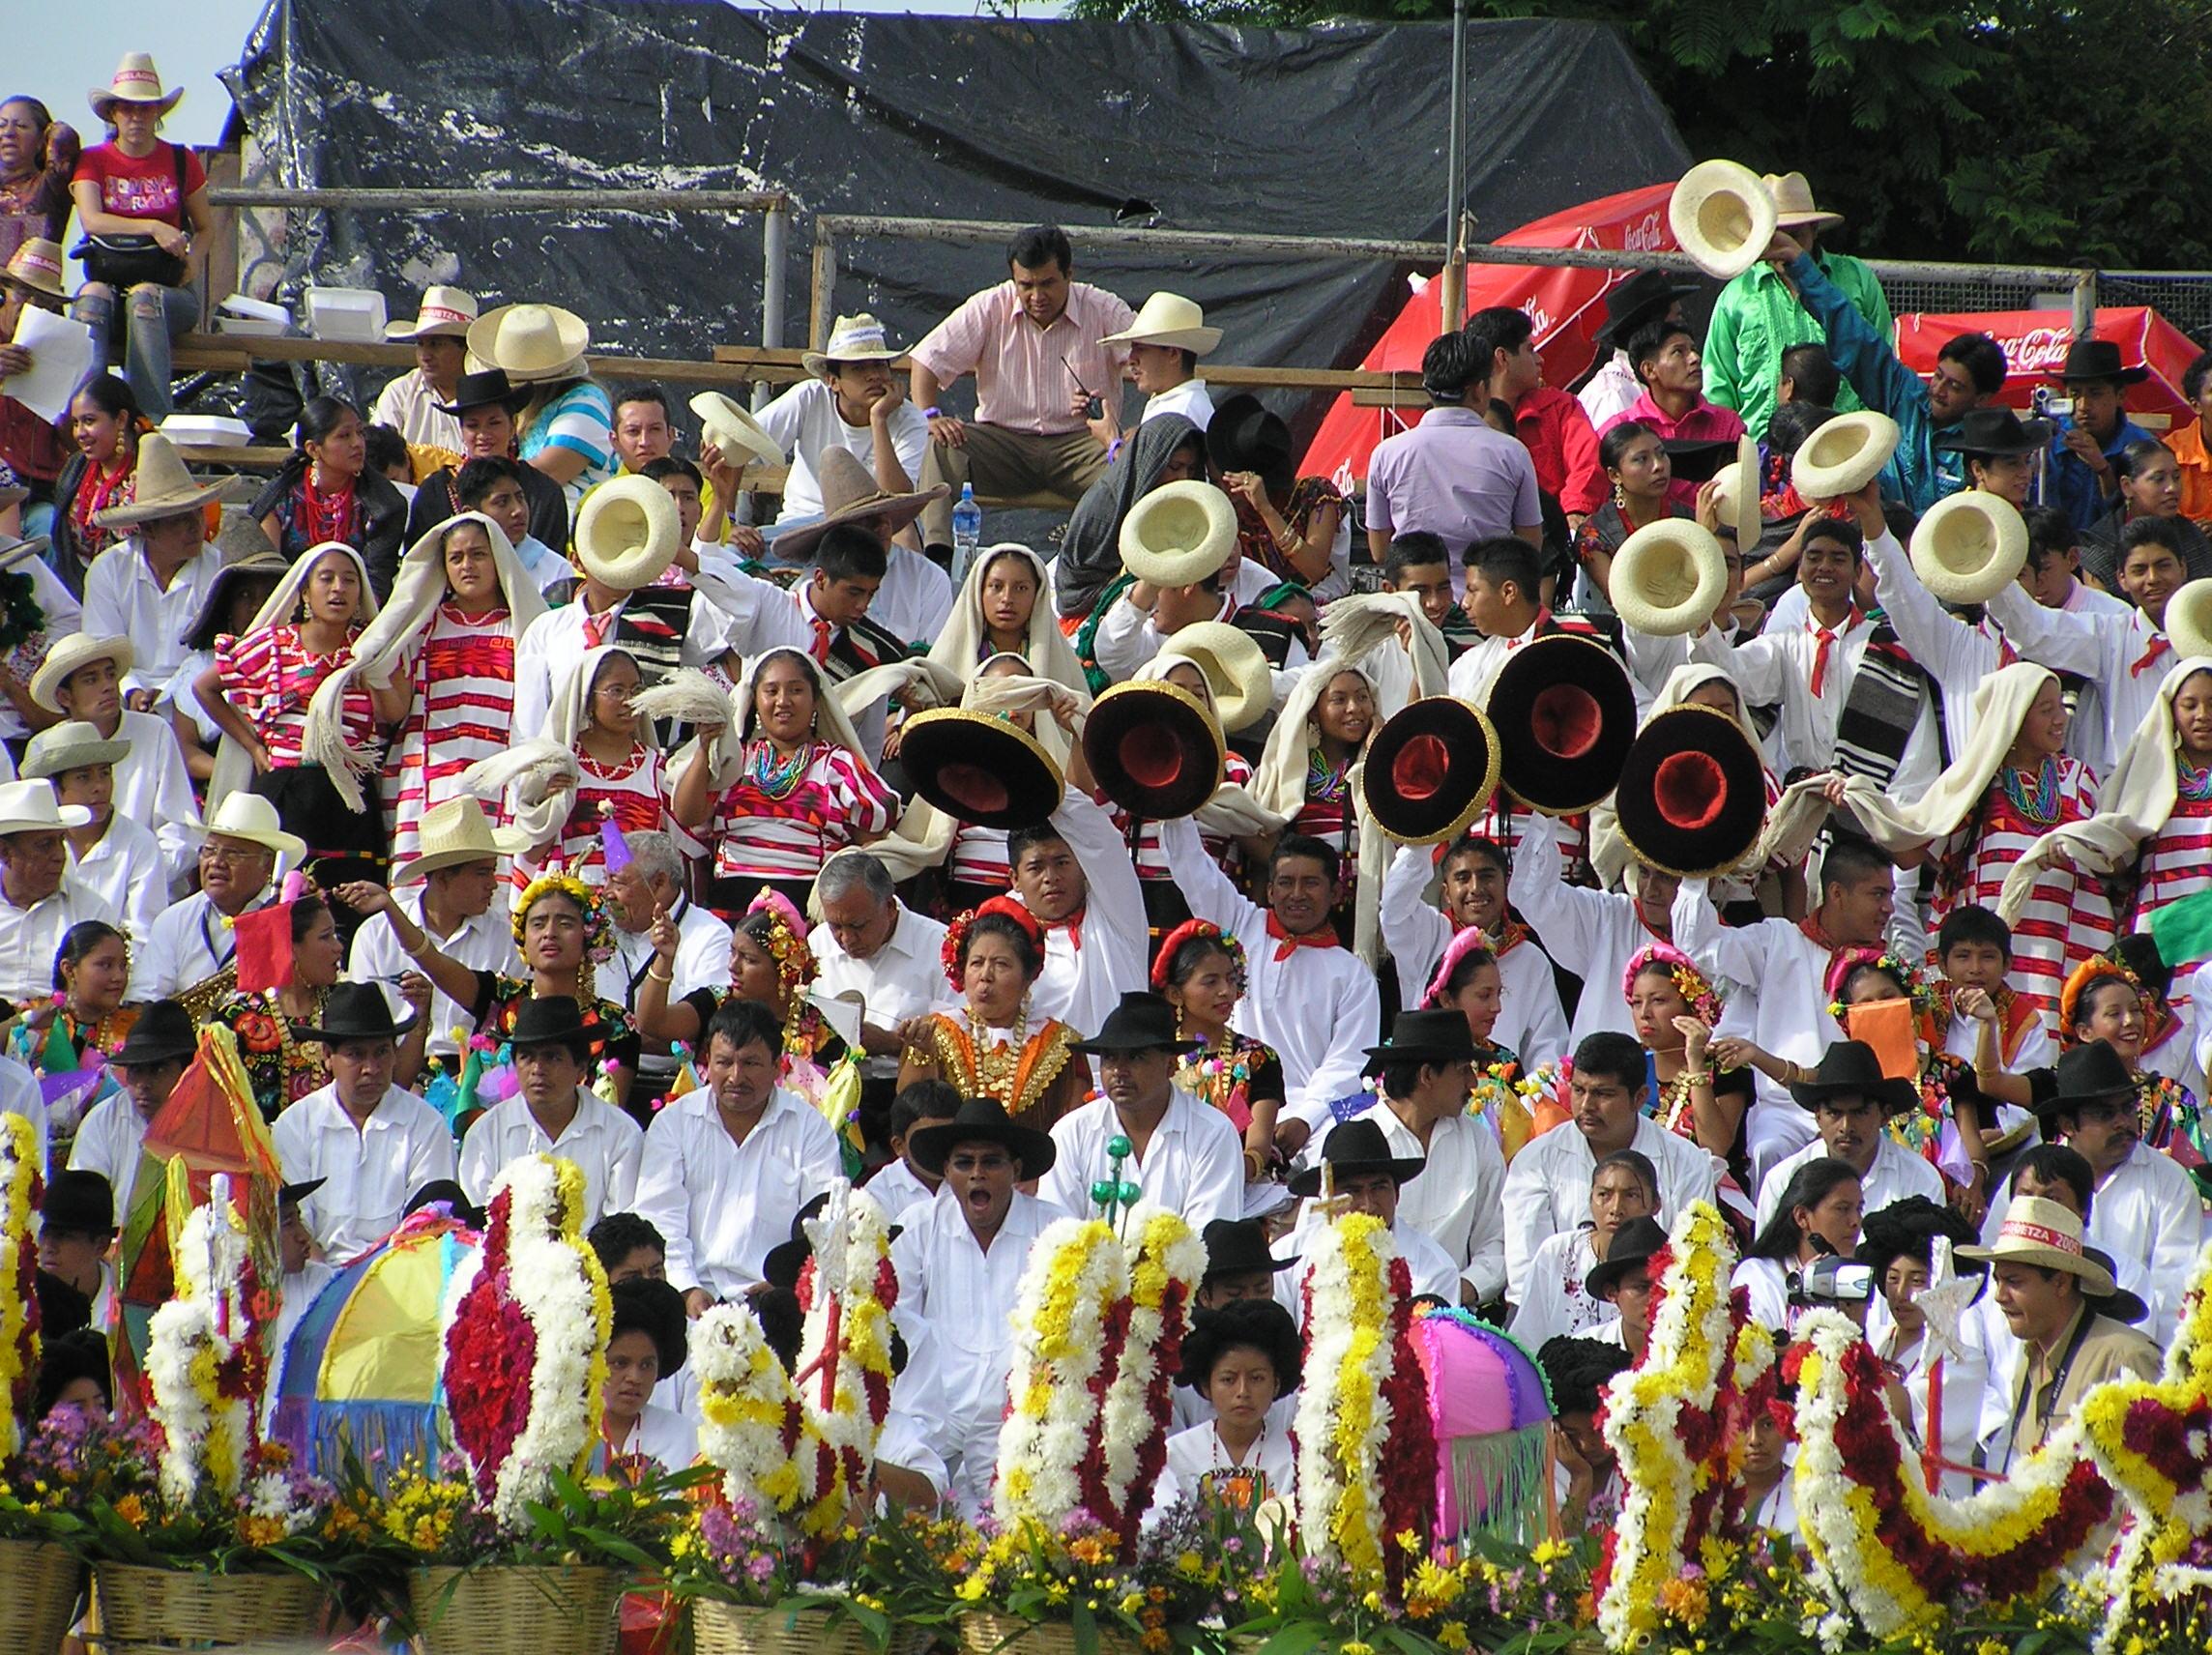 Festejos de la Guelaguetza